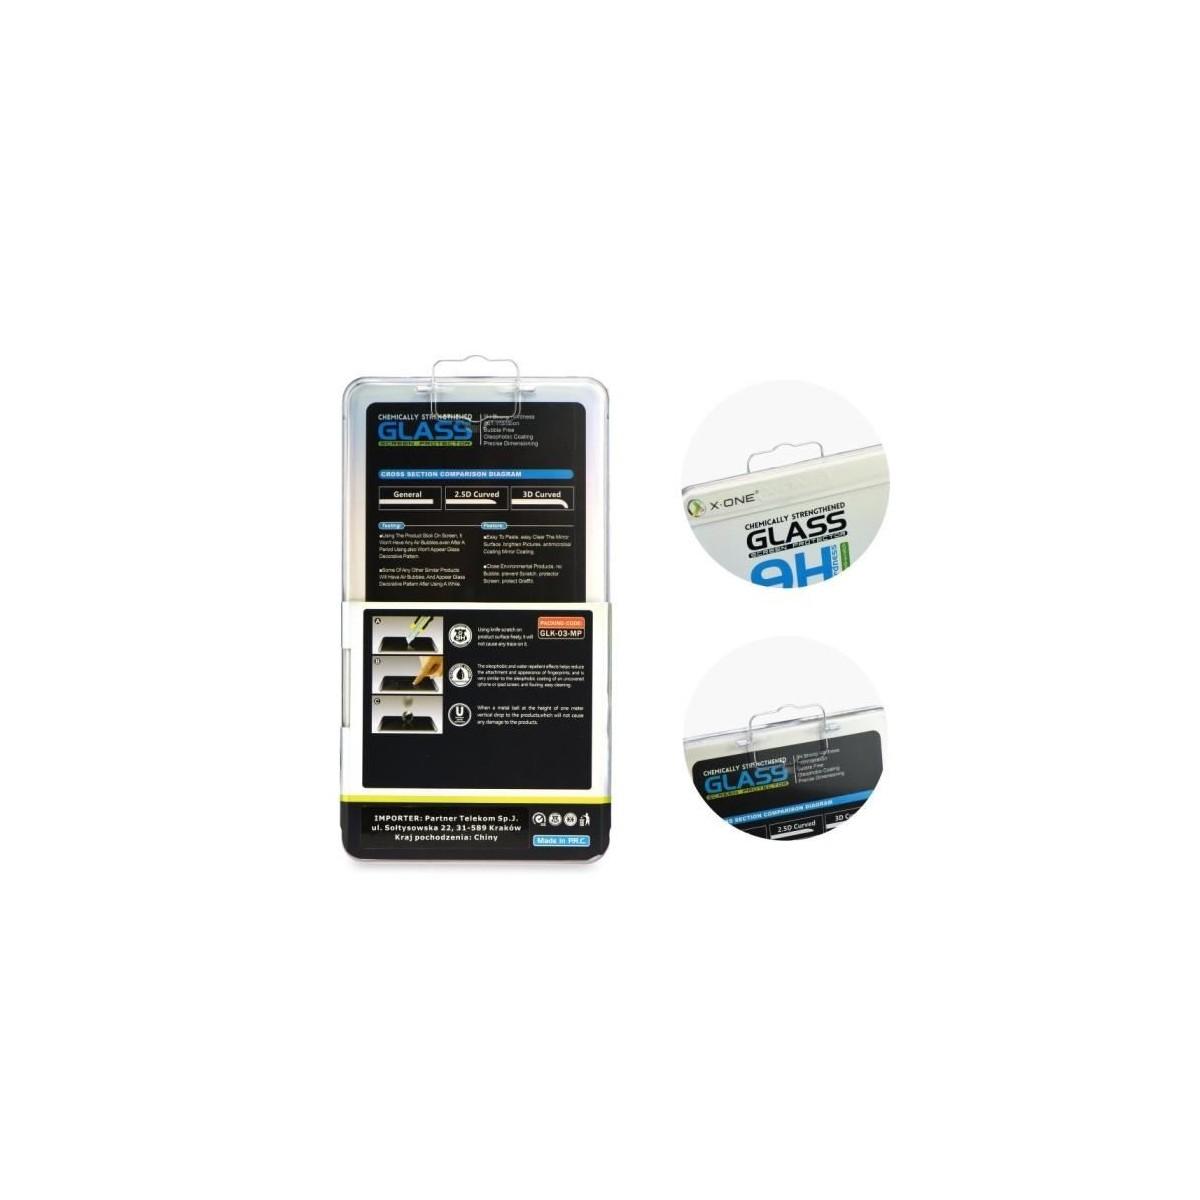 Film iPhone 6 / 6S protection écran verre trempé contour Blanc - X-one